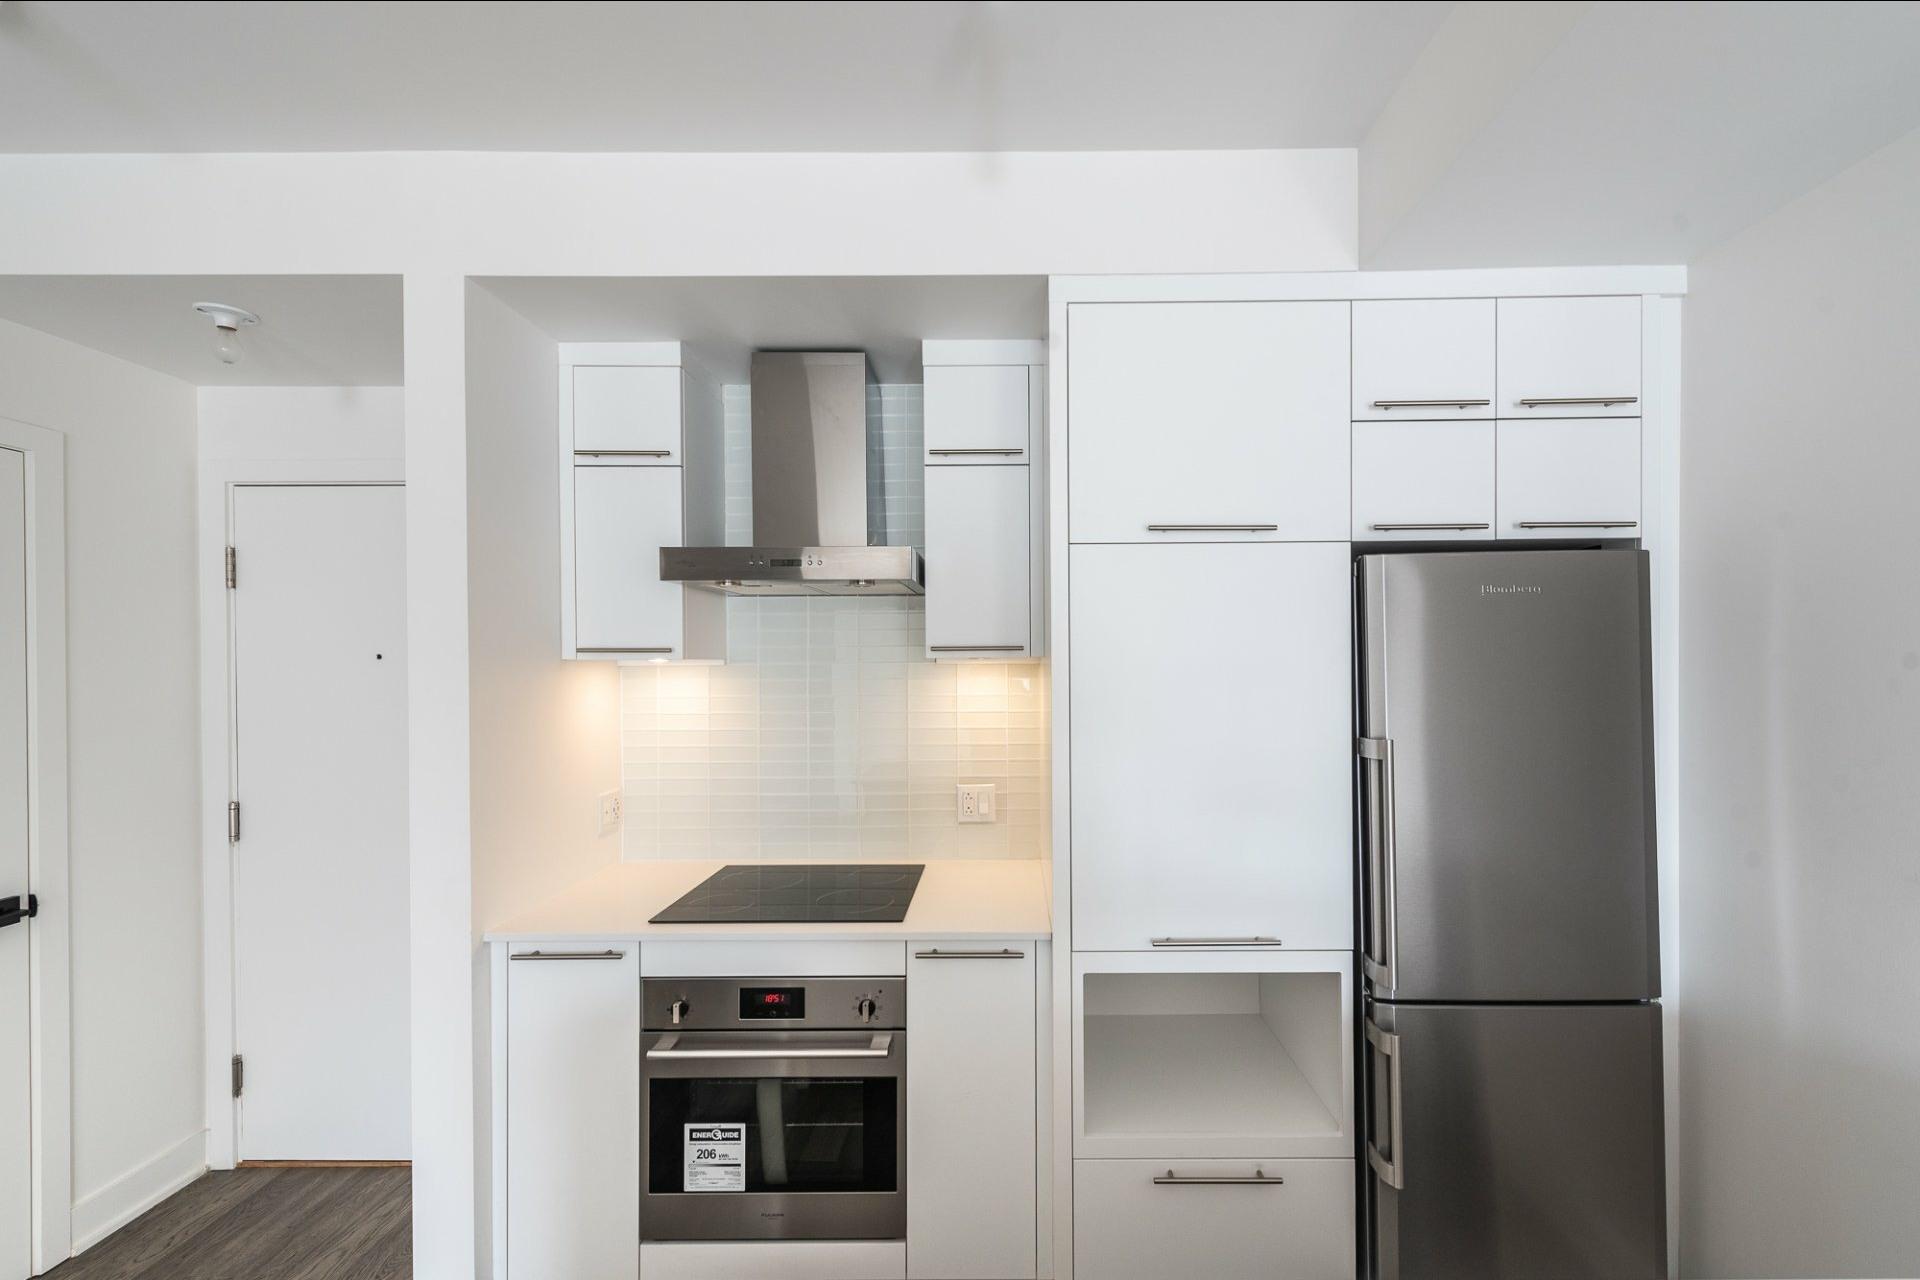 image 6 - Appartement À louer Villeray/Saint-Michel/Parc-Extension Montréal  - 5 pièces